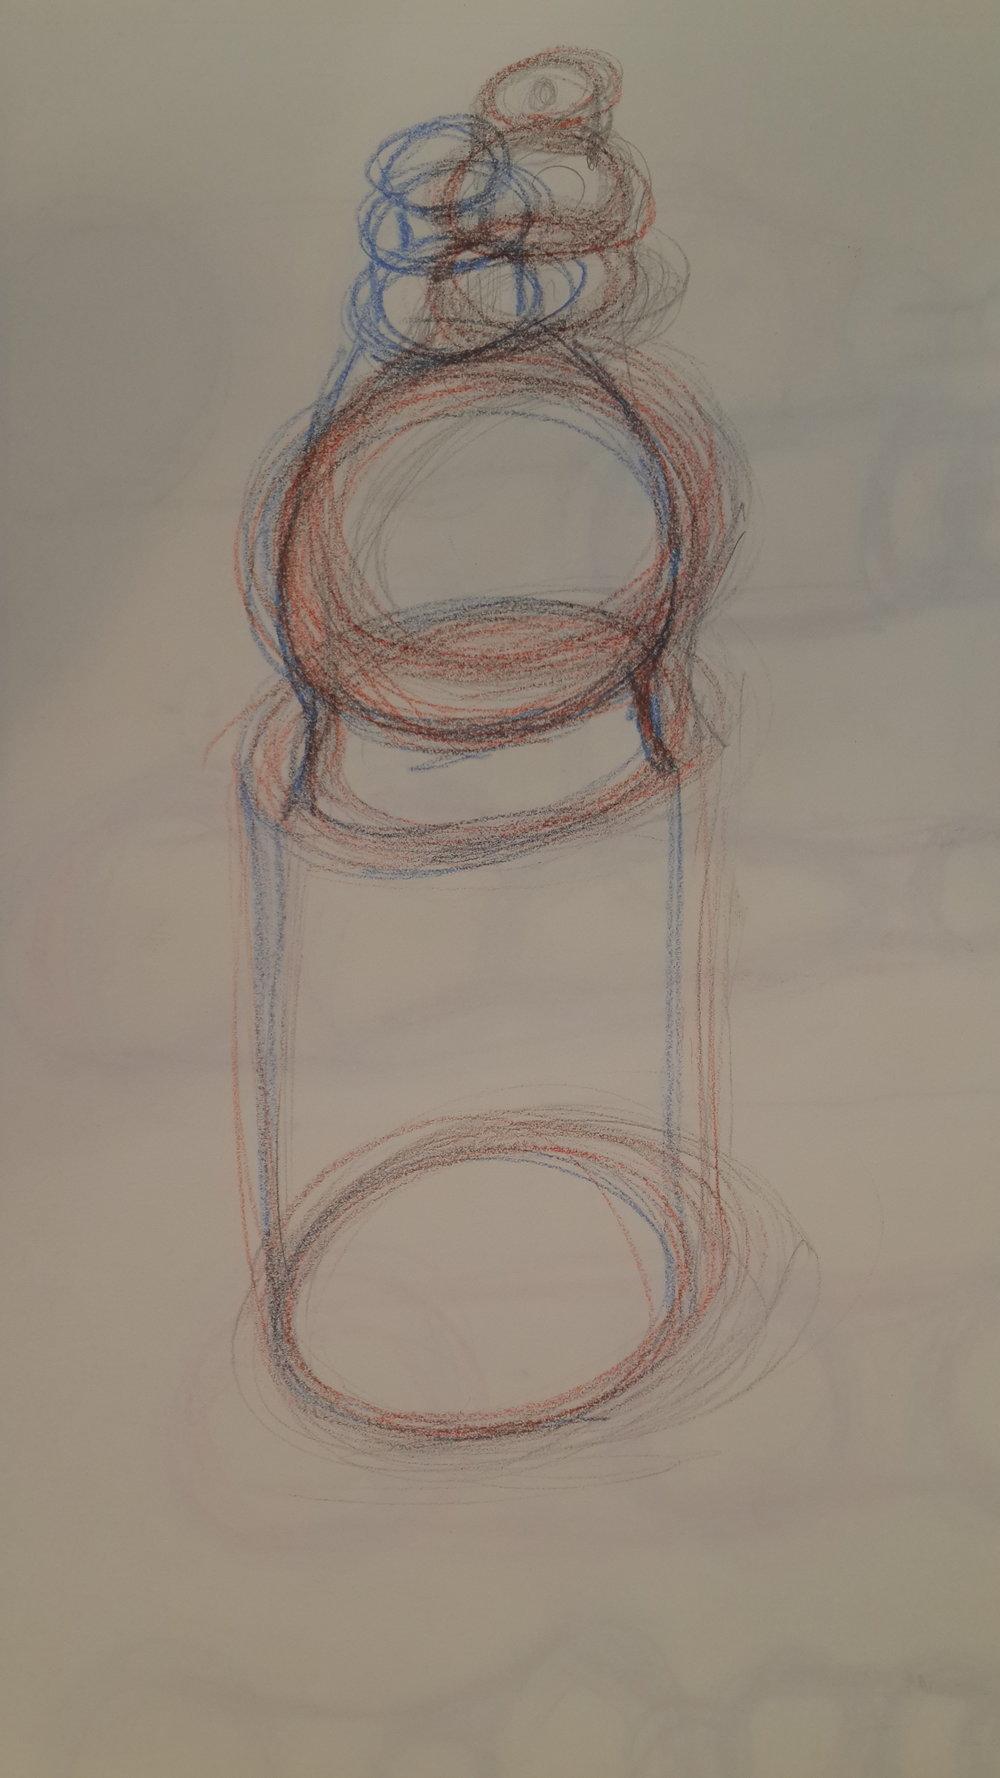 // Sketch of a water bottle